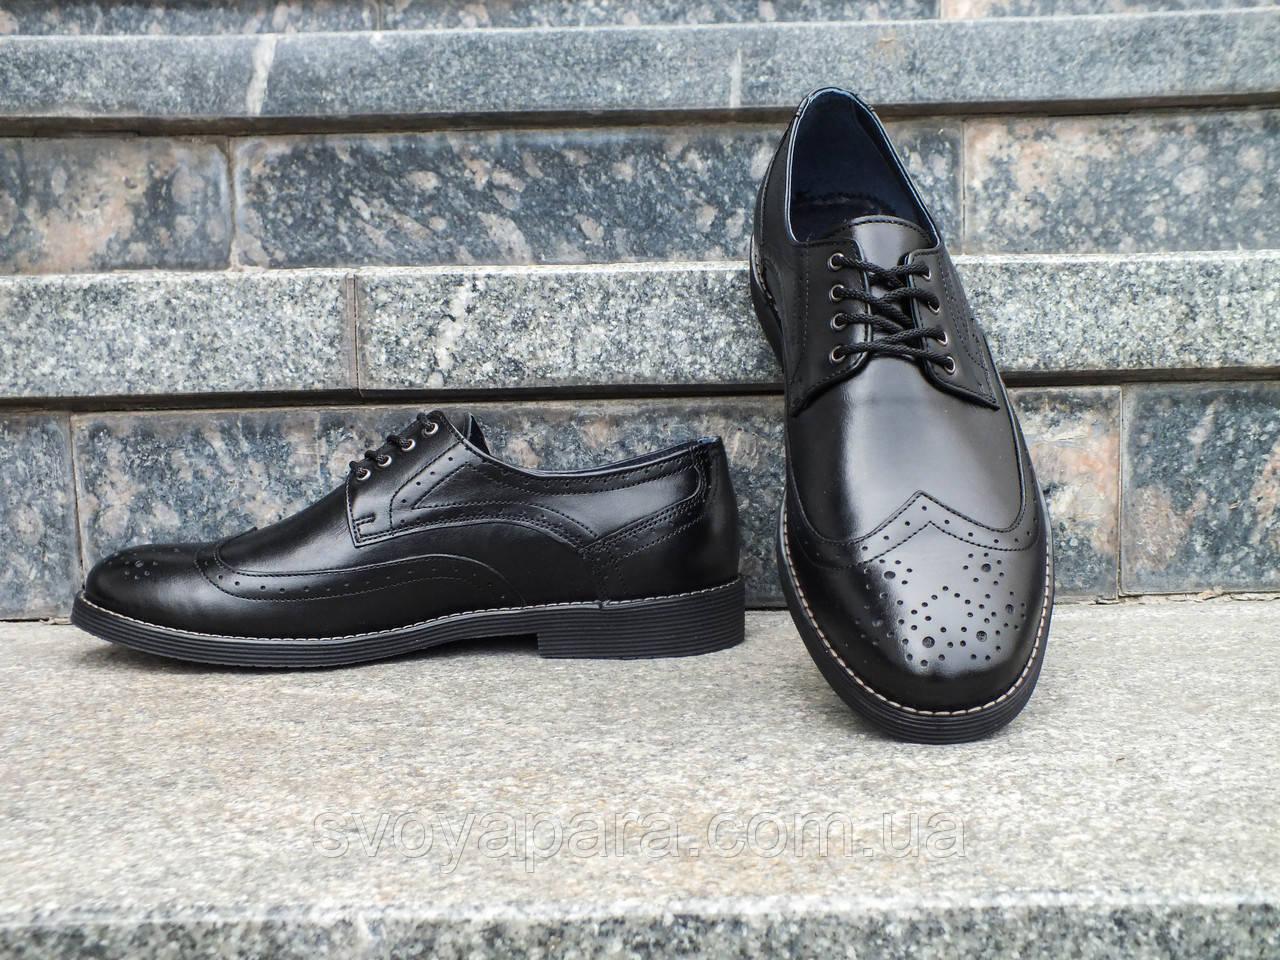 Туфли броги с оригинальным дизайном и качественным исполнением.